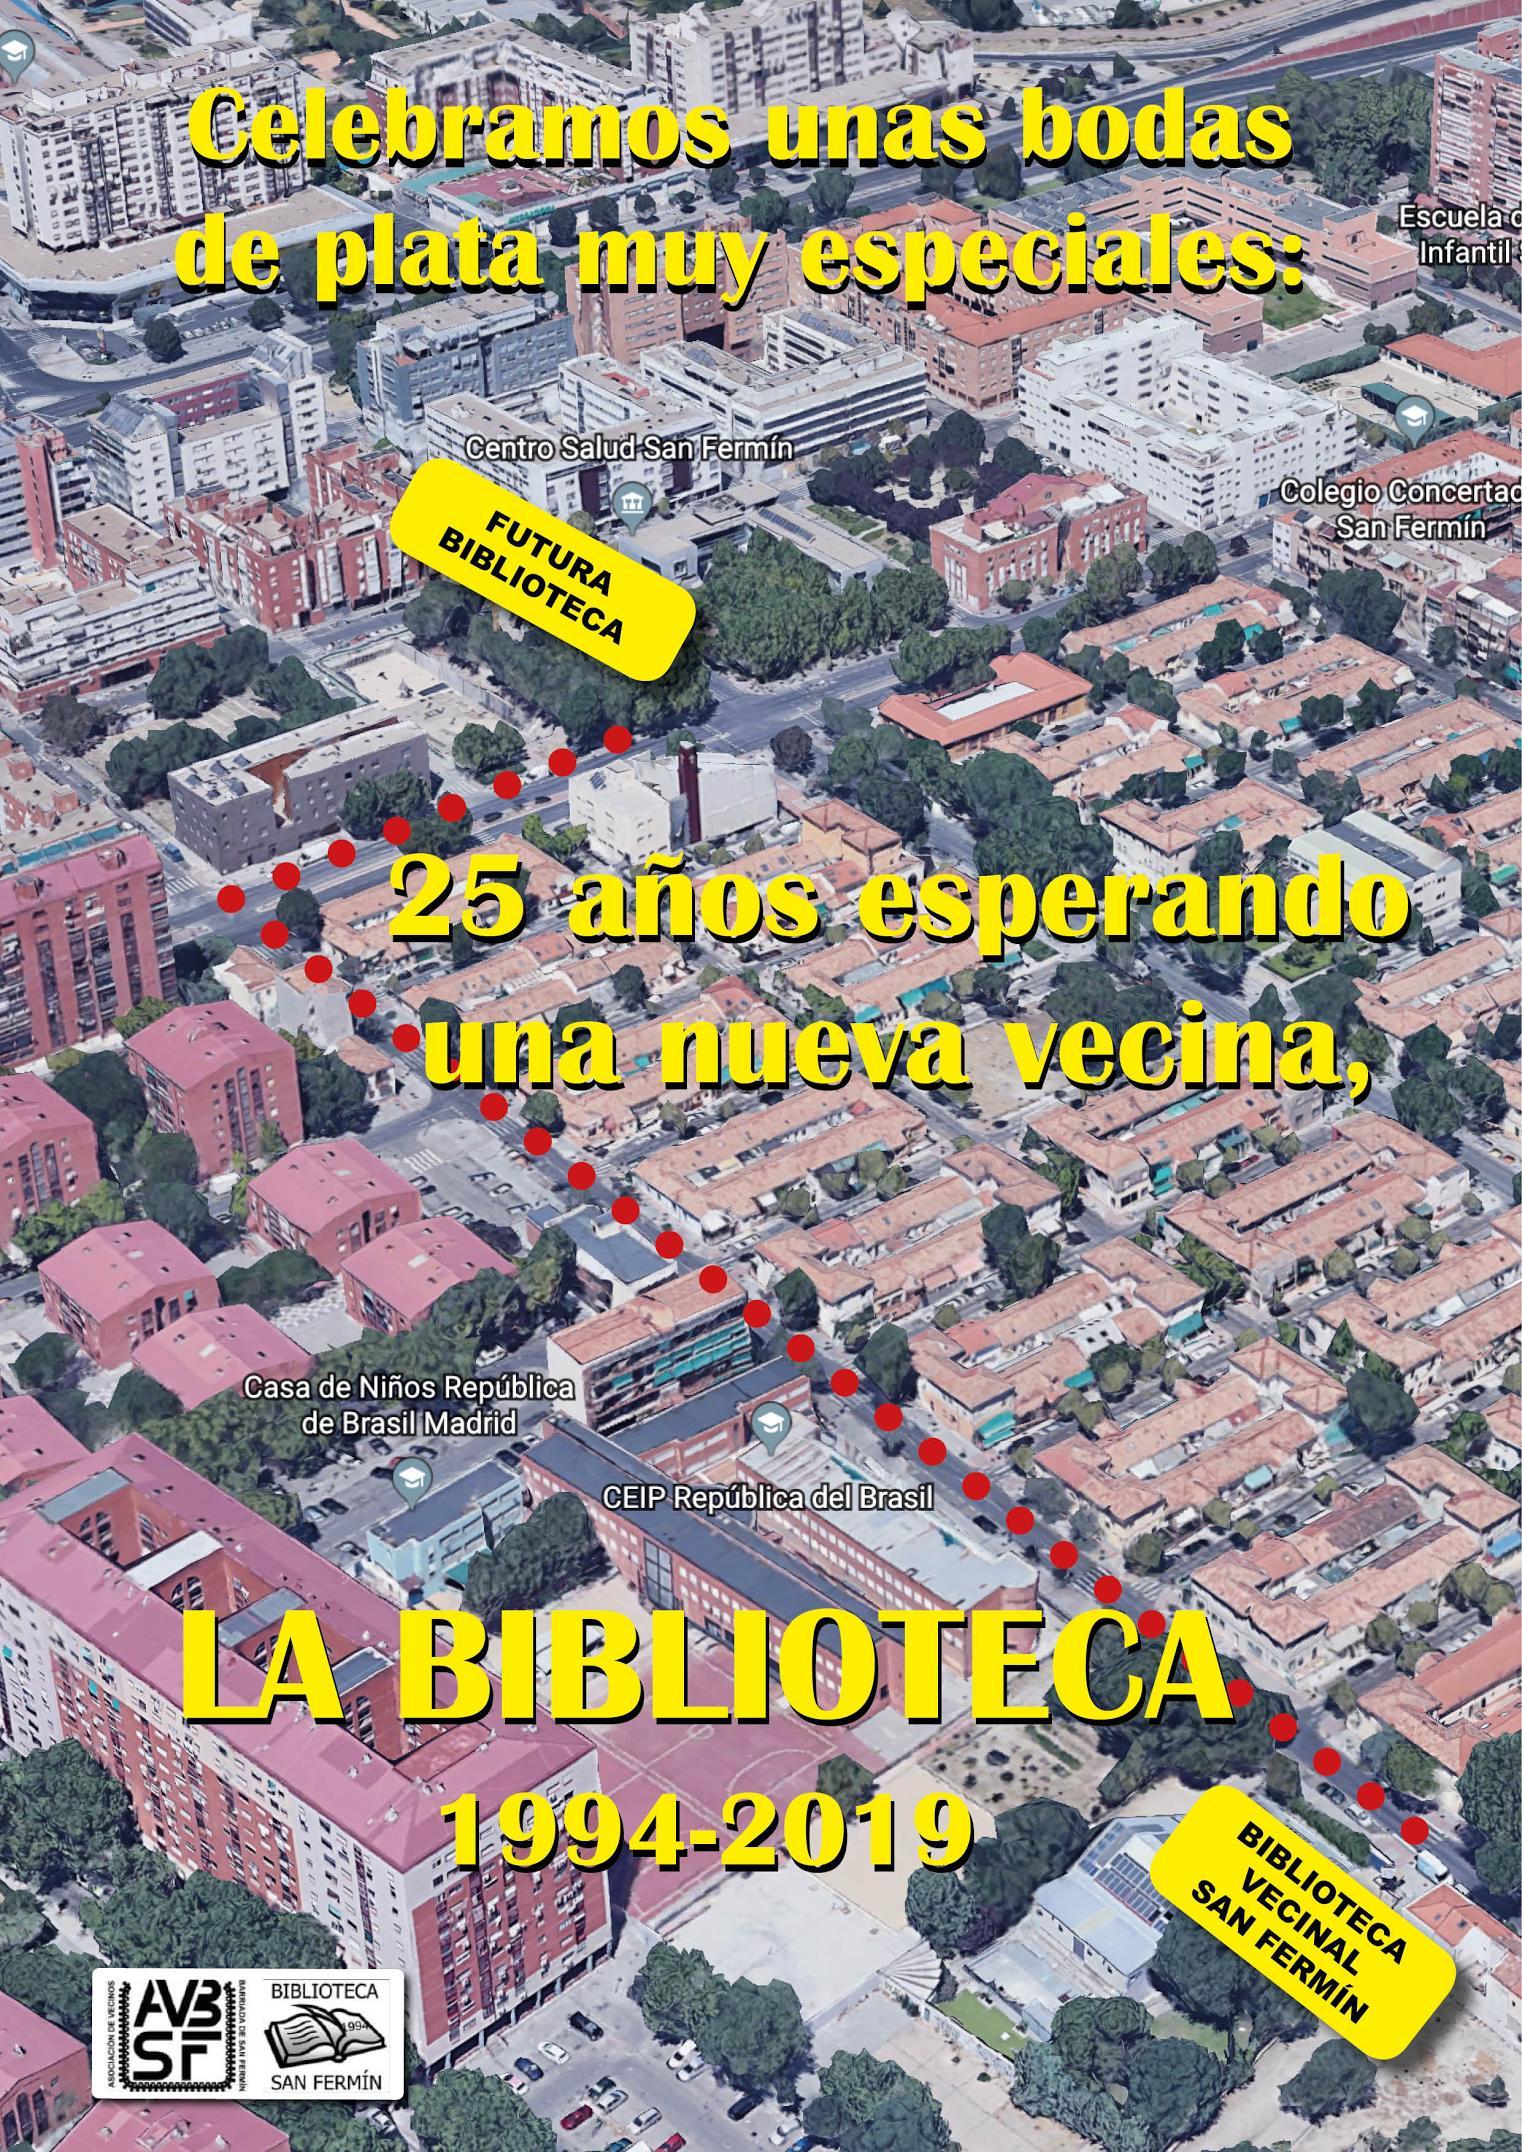 Celebración Bodas de Plata, 25 años esperando una nueva vecina, LA BIBLIOTECA (1994-2019)